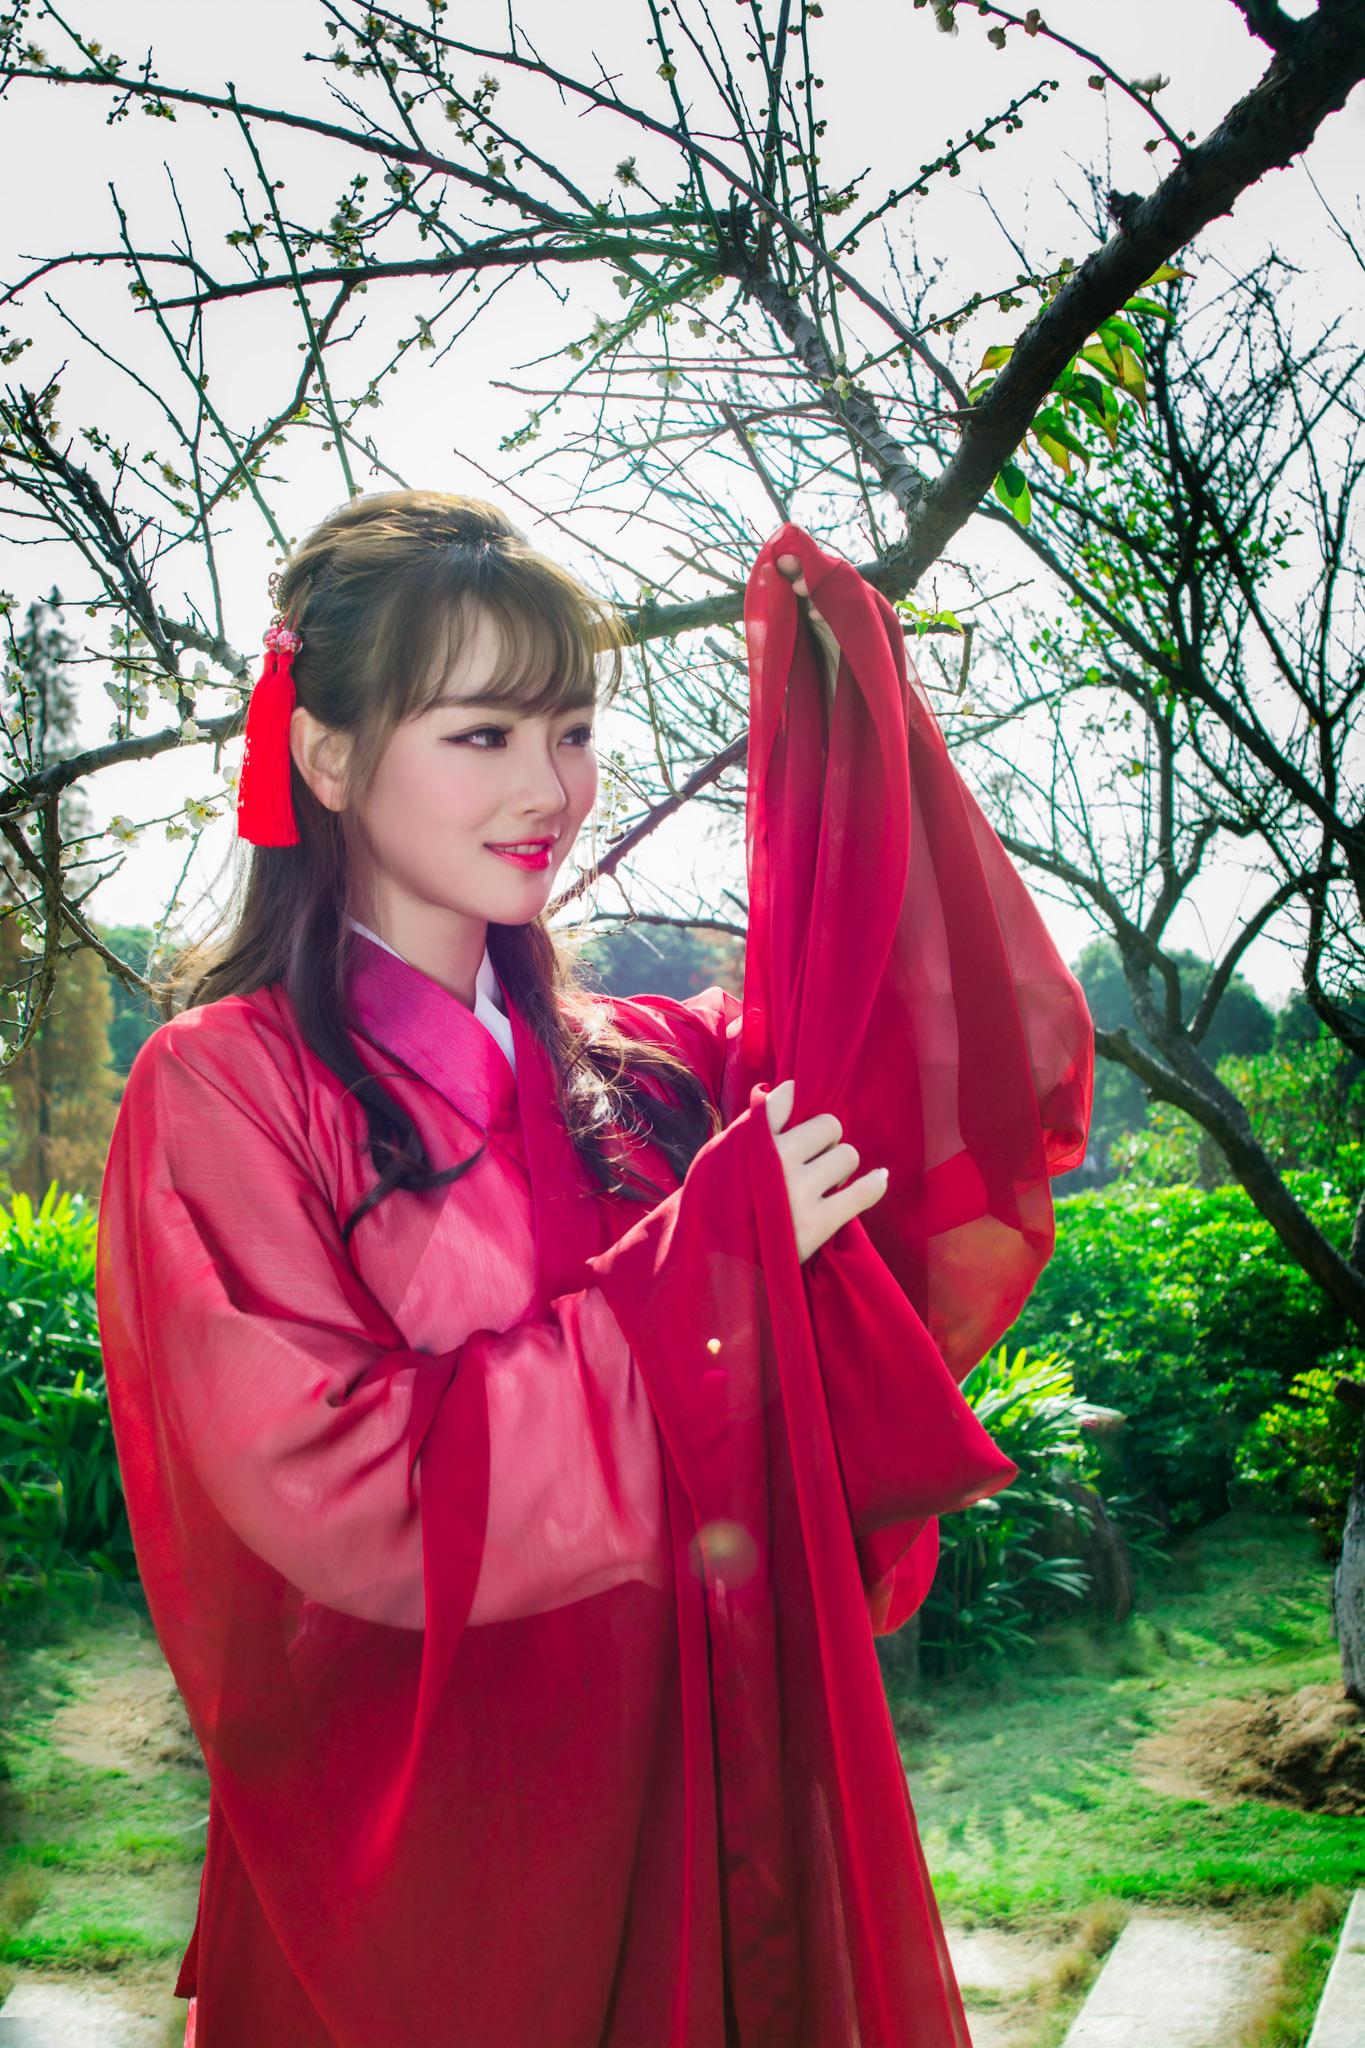 倾心遇见,情暖天涯【情感美文】 - 花仙子 - 花仙子的博客